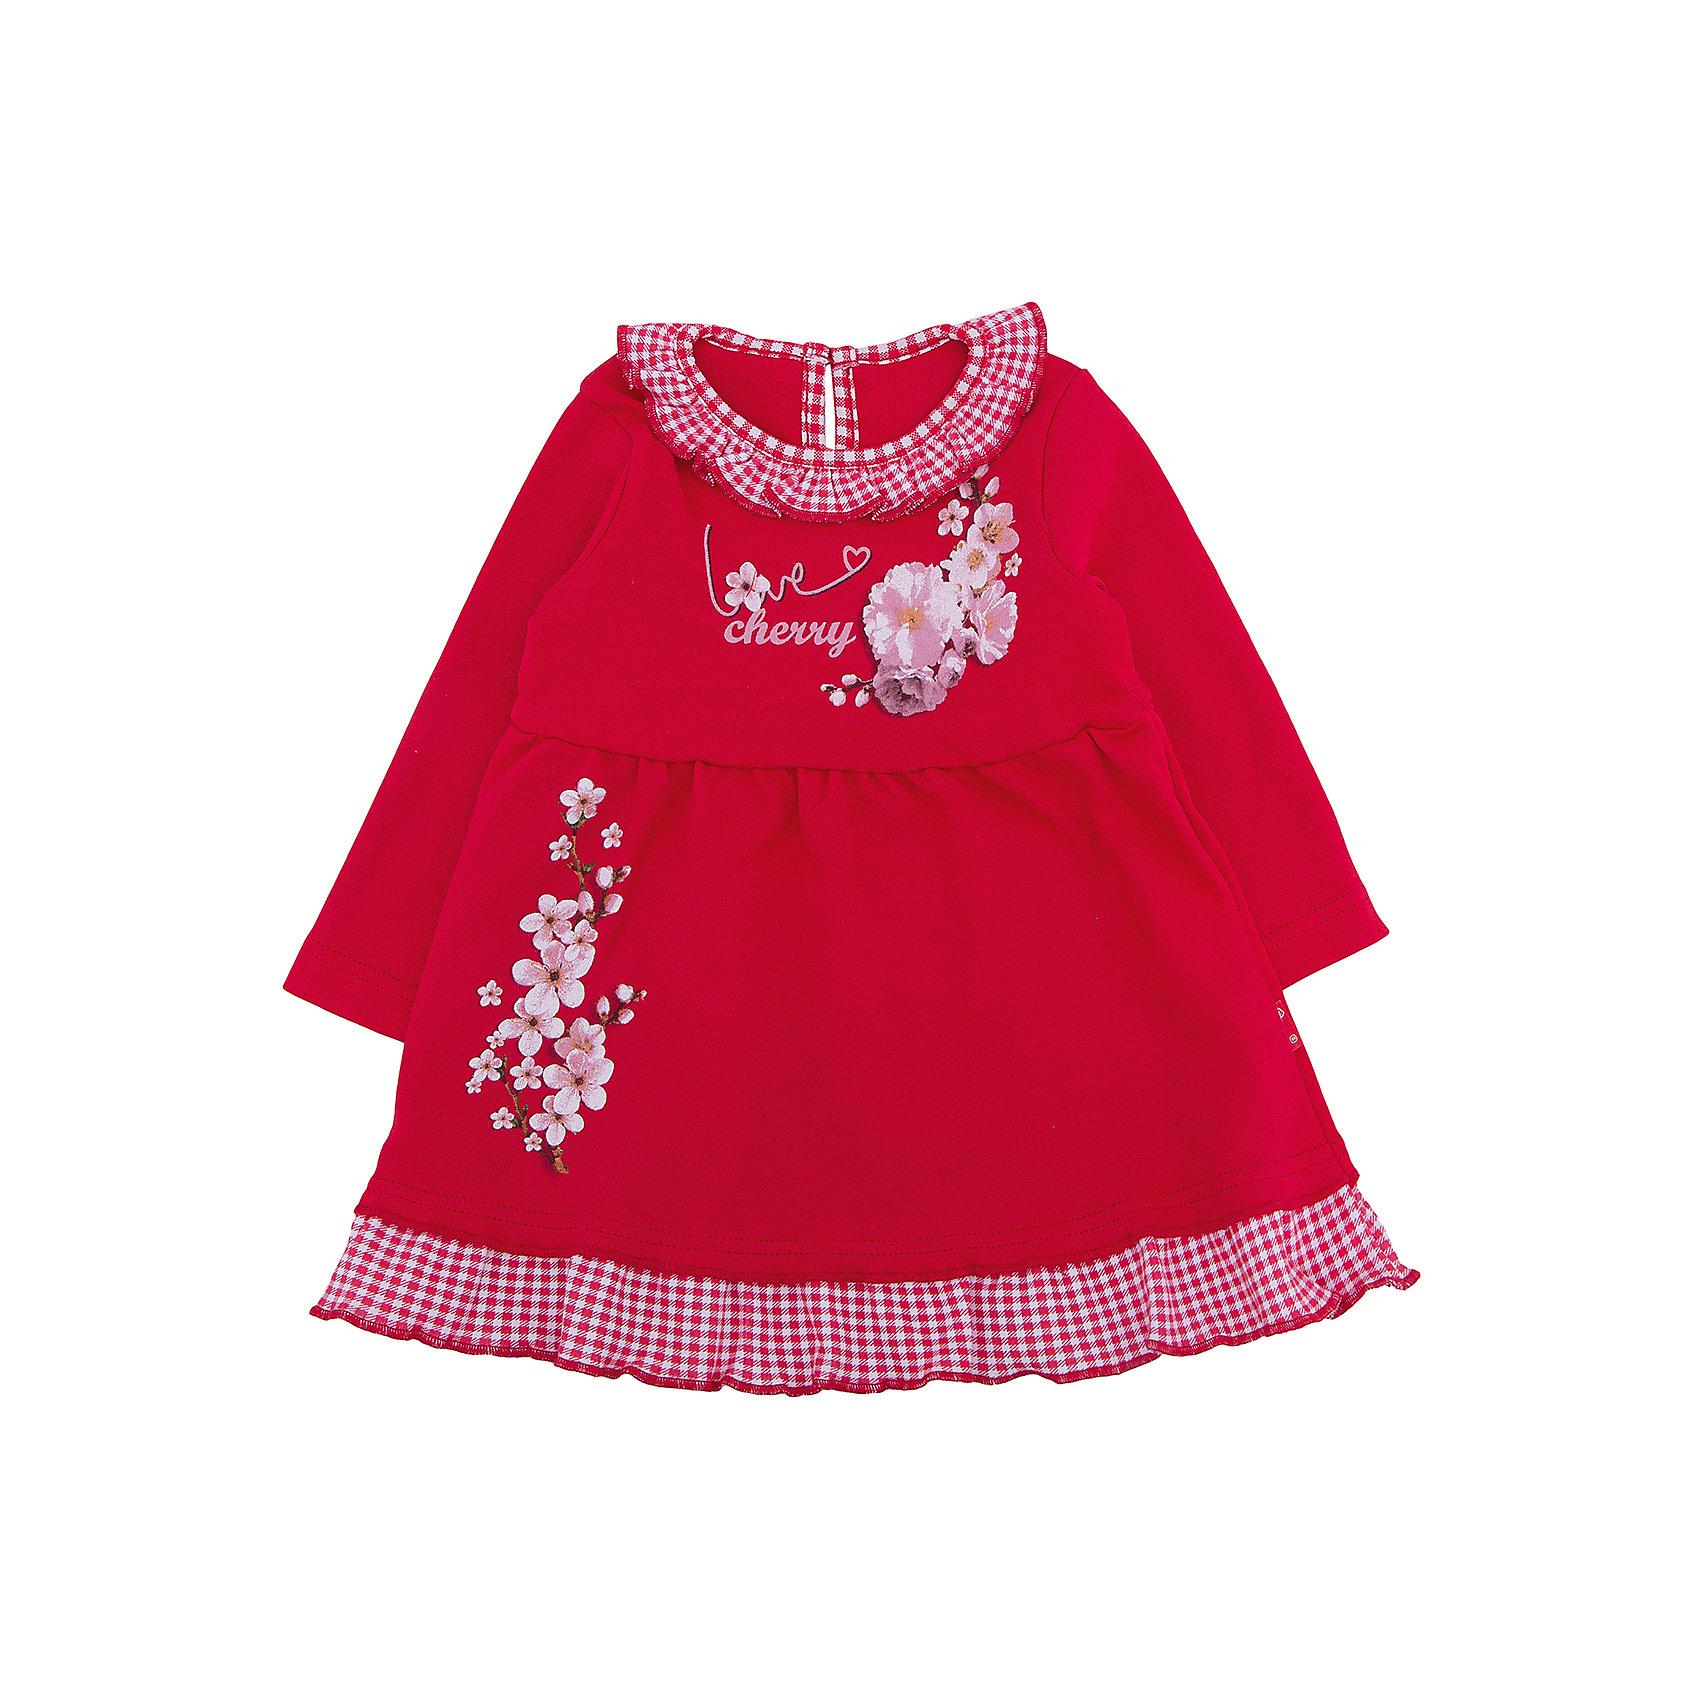 Платье для девочки АпрельПлатье для девочки от известного бренда Апрель.<br>Прелестное платье выполнено из мягкого хлопка. Приятное на ощупь, не сковывает движения, обеспечивая наибольший комфорт. Изделие с длинными рукавами, украшено оборочками и дизайнерским принтом. Незаменимый предмет детского гардероба! Рекомендуется машинная стирка при температуре 40 градусов без предварительного замачивания.<br>Состав:<br>хлопок 100%<br><br>Ширина мм: 236<br>Глубина мм: 16<br>Высота мм: 184<br>Вес г: 177<br>Цвет: красный<br>Возраст от месяцев: 6<br>Возраст до месяцев: 9<br>Пол: Женский<br>Возраст: Детский<br>Размер: 74,80,86,92,98<br>SKU: 5006918